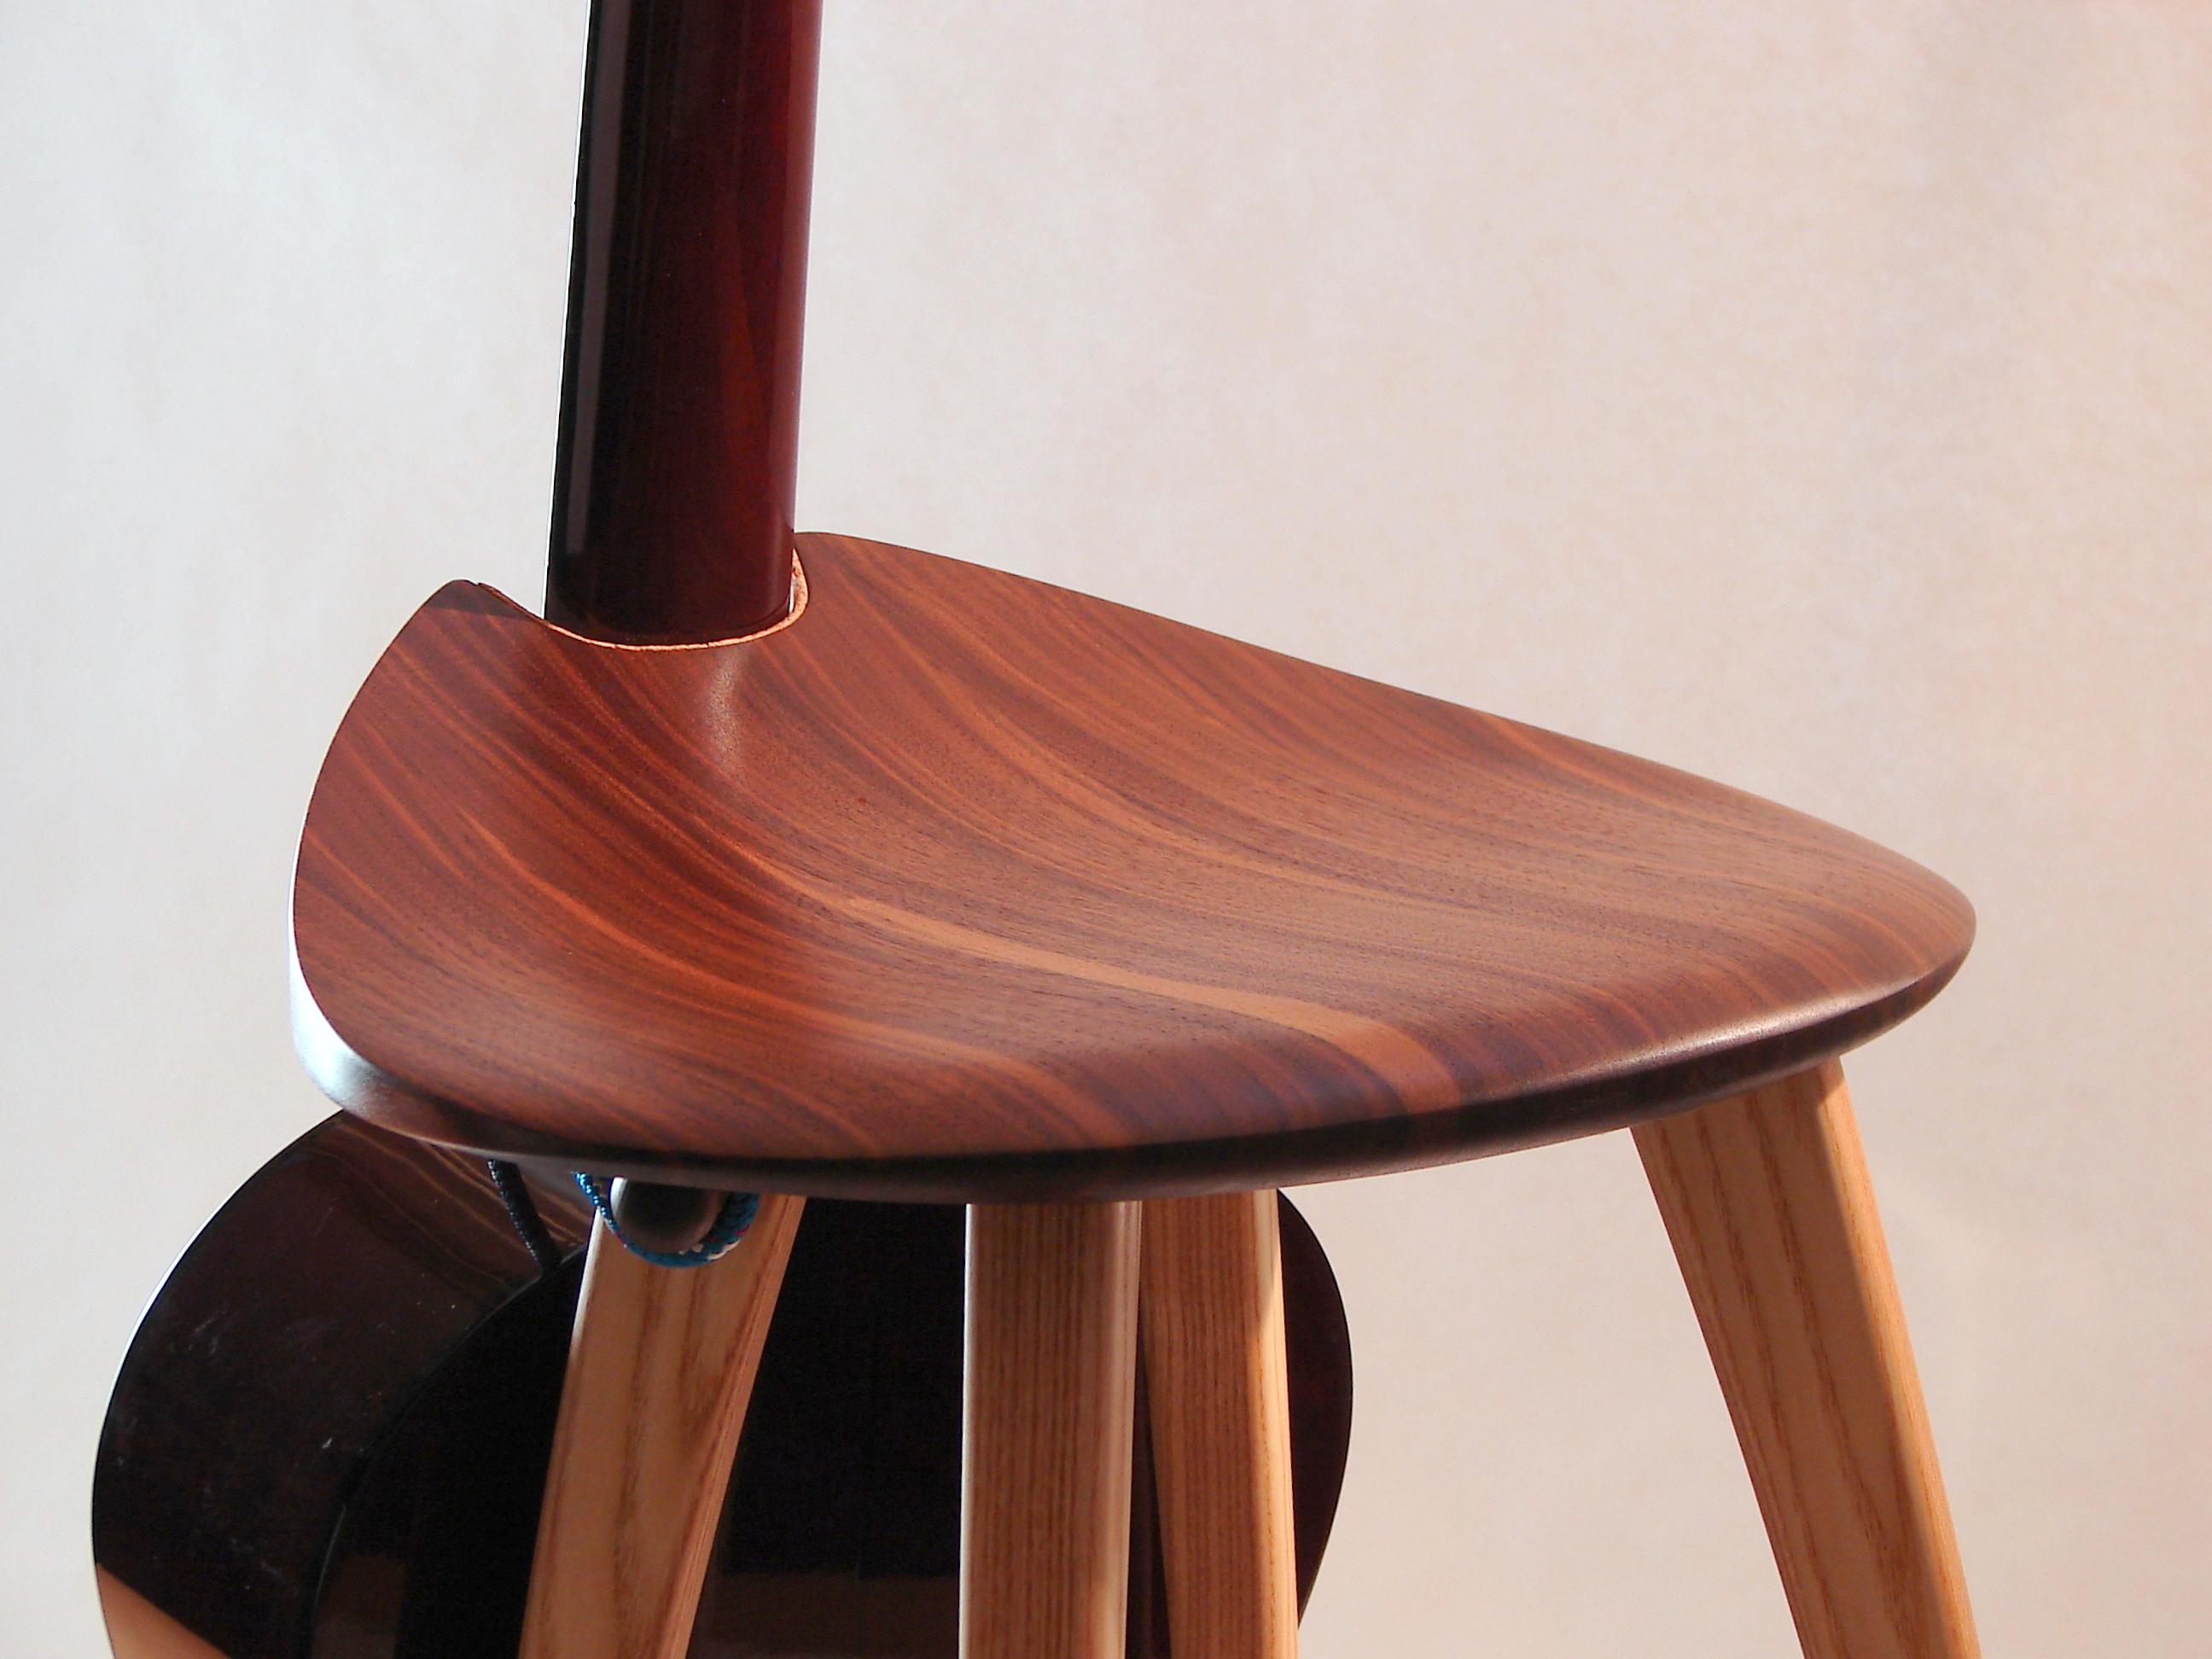 This ... & Guitar Stool/ Guitar Stand | Fillingham Art Furniture Design islam-shia.org